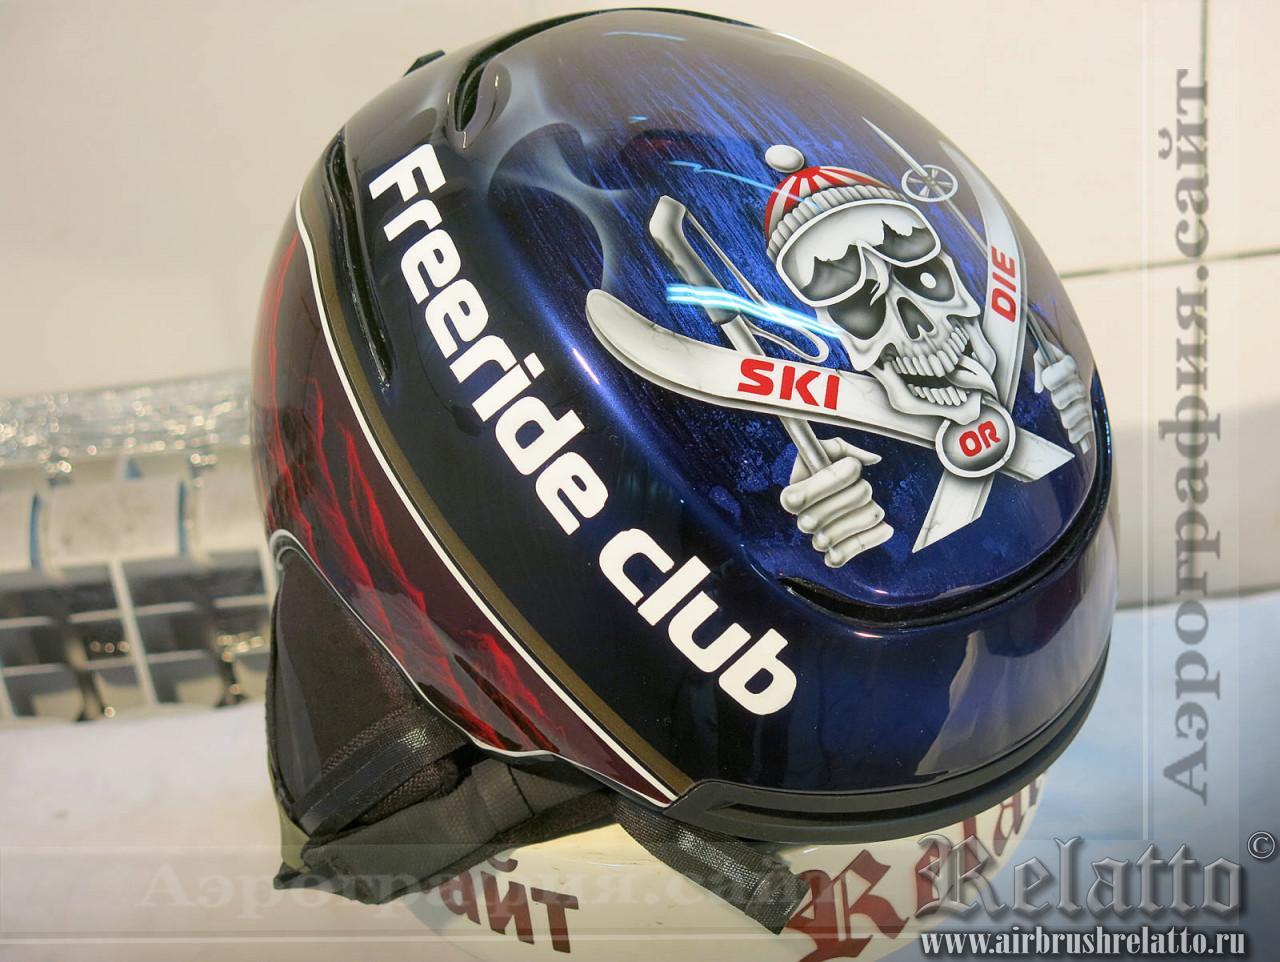 шлем для горнолыжника в Краснодаре